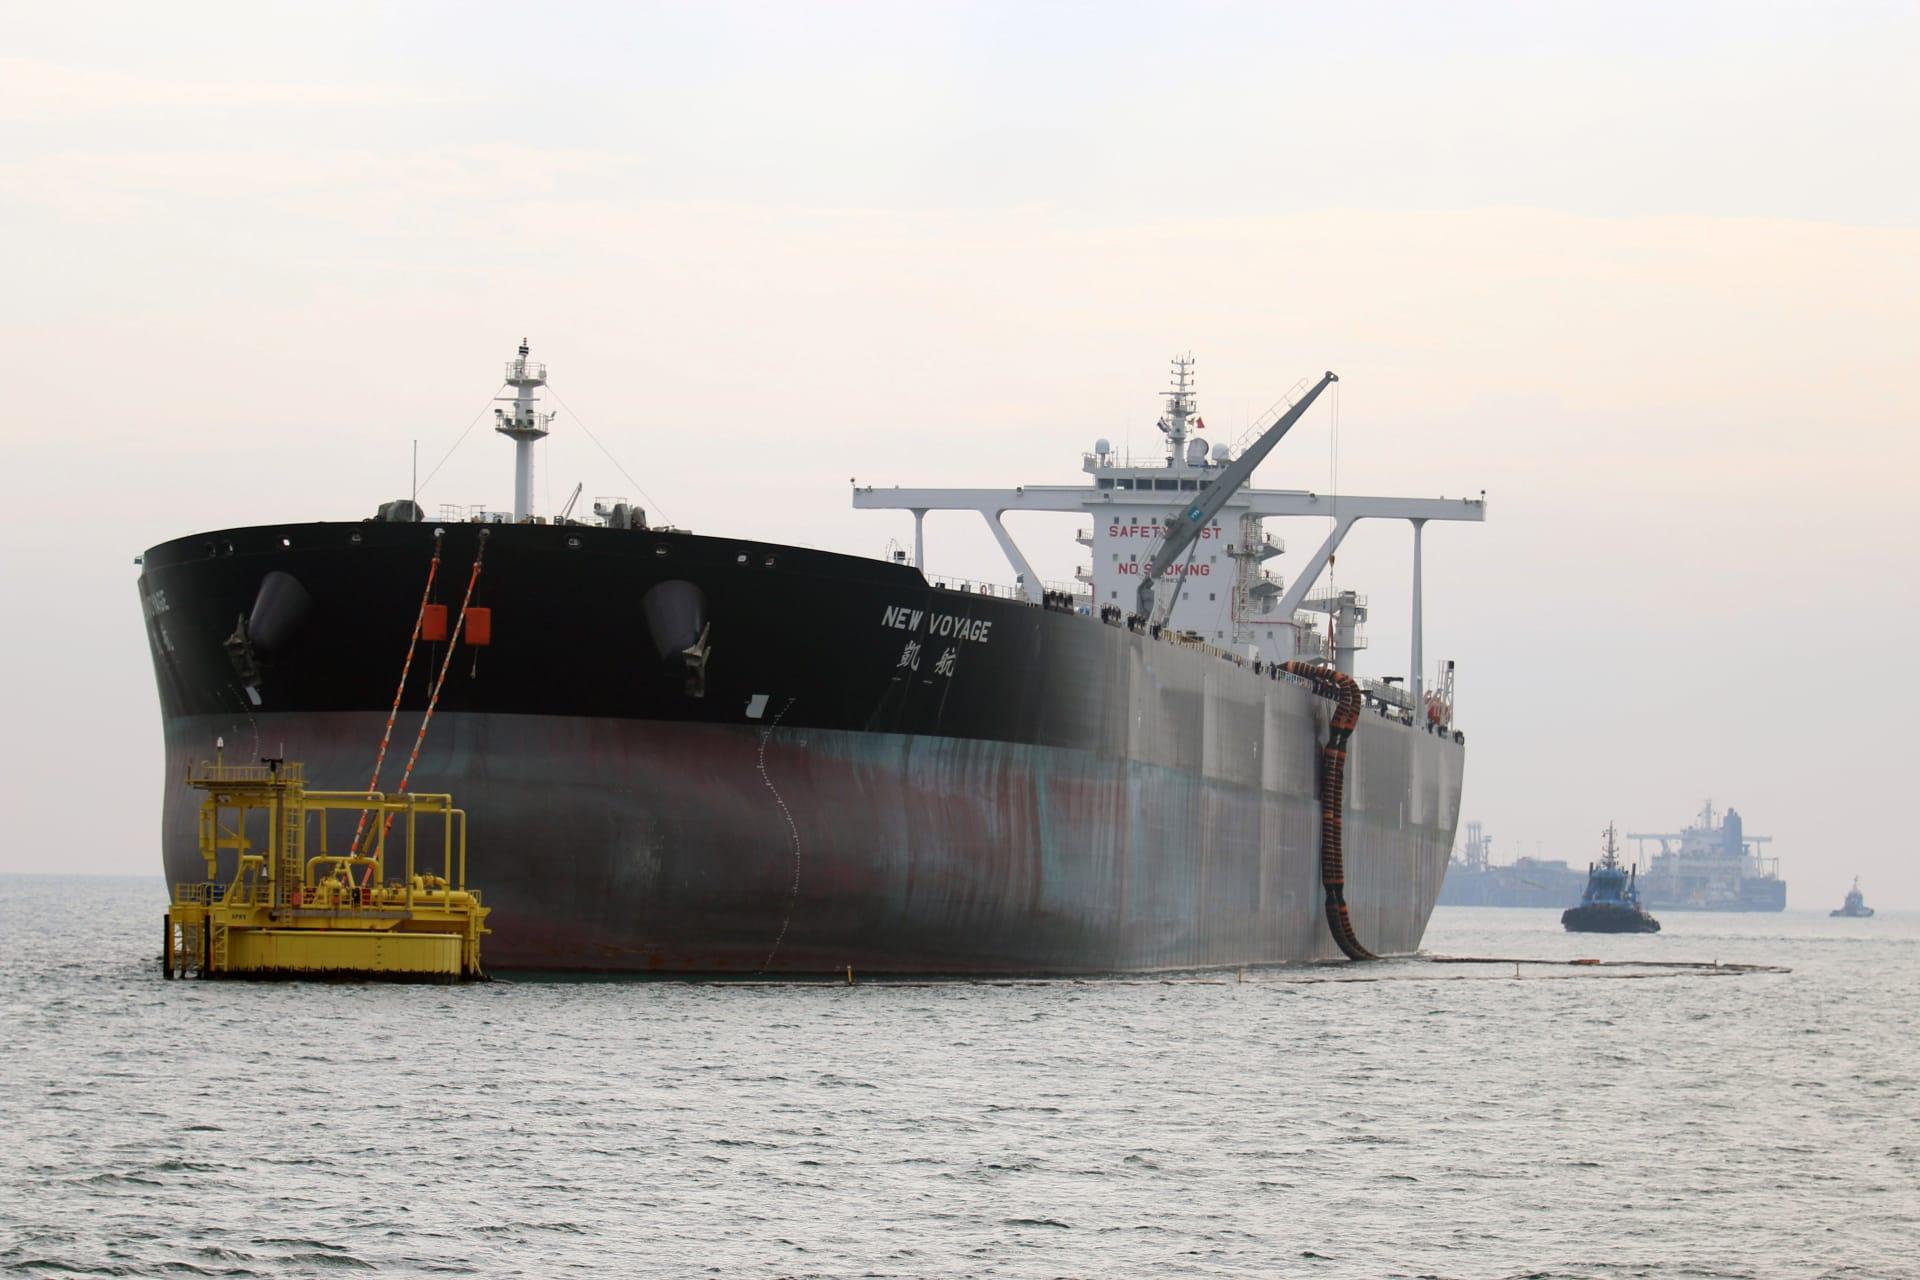 العراق: إخلاء سفينة بعد العثور على لغم بحري كبير ملتصق بعا